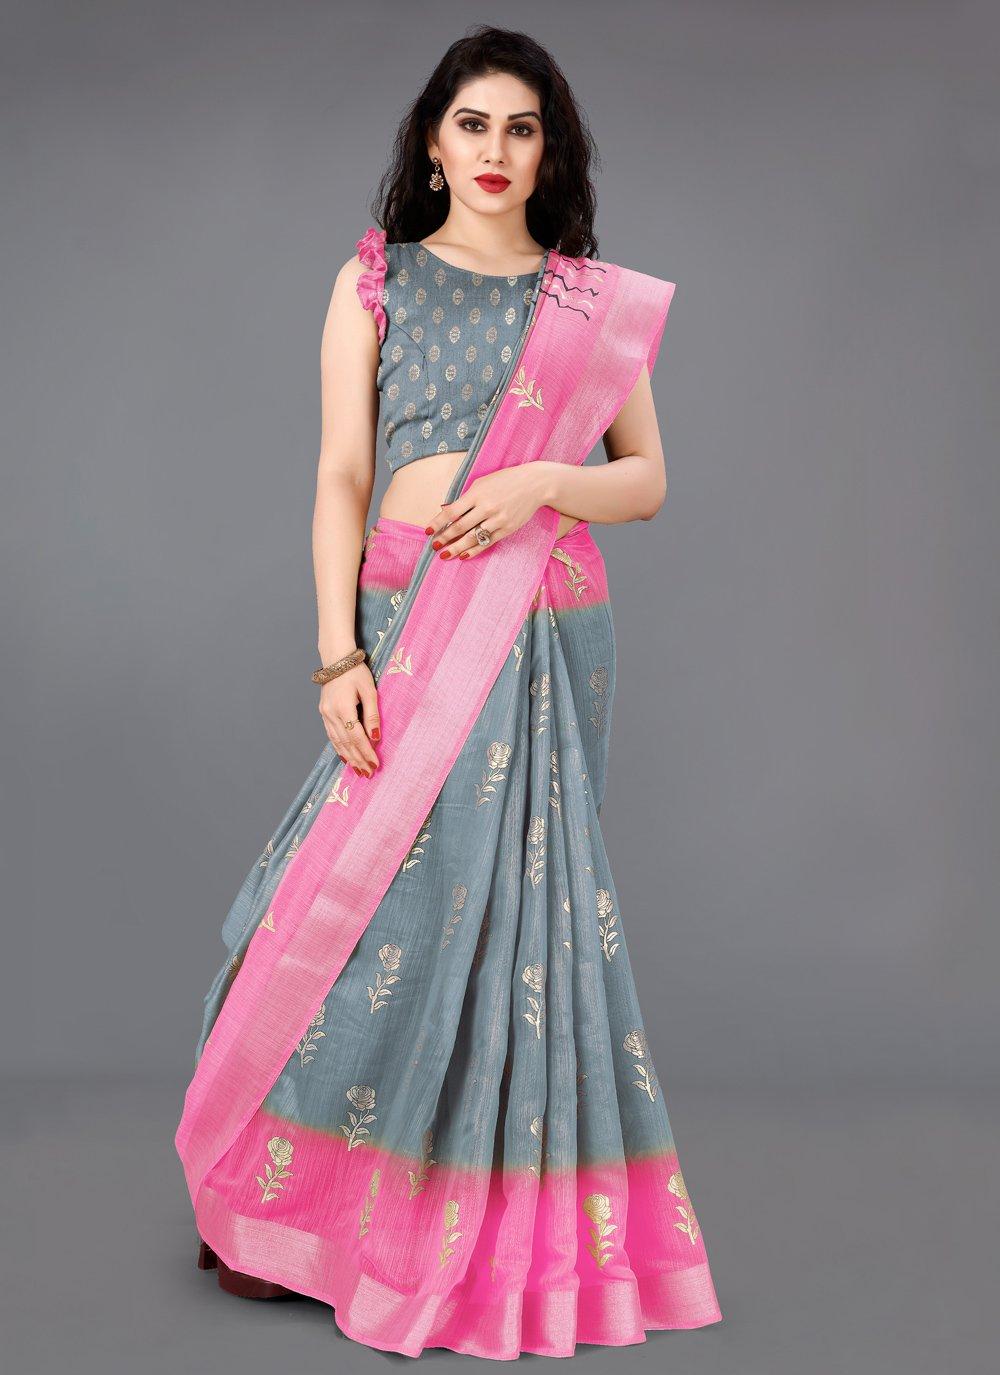 Cotton Grey and Pink Foil Print Classic Saree